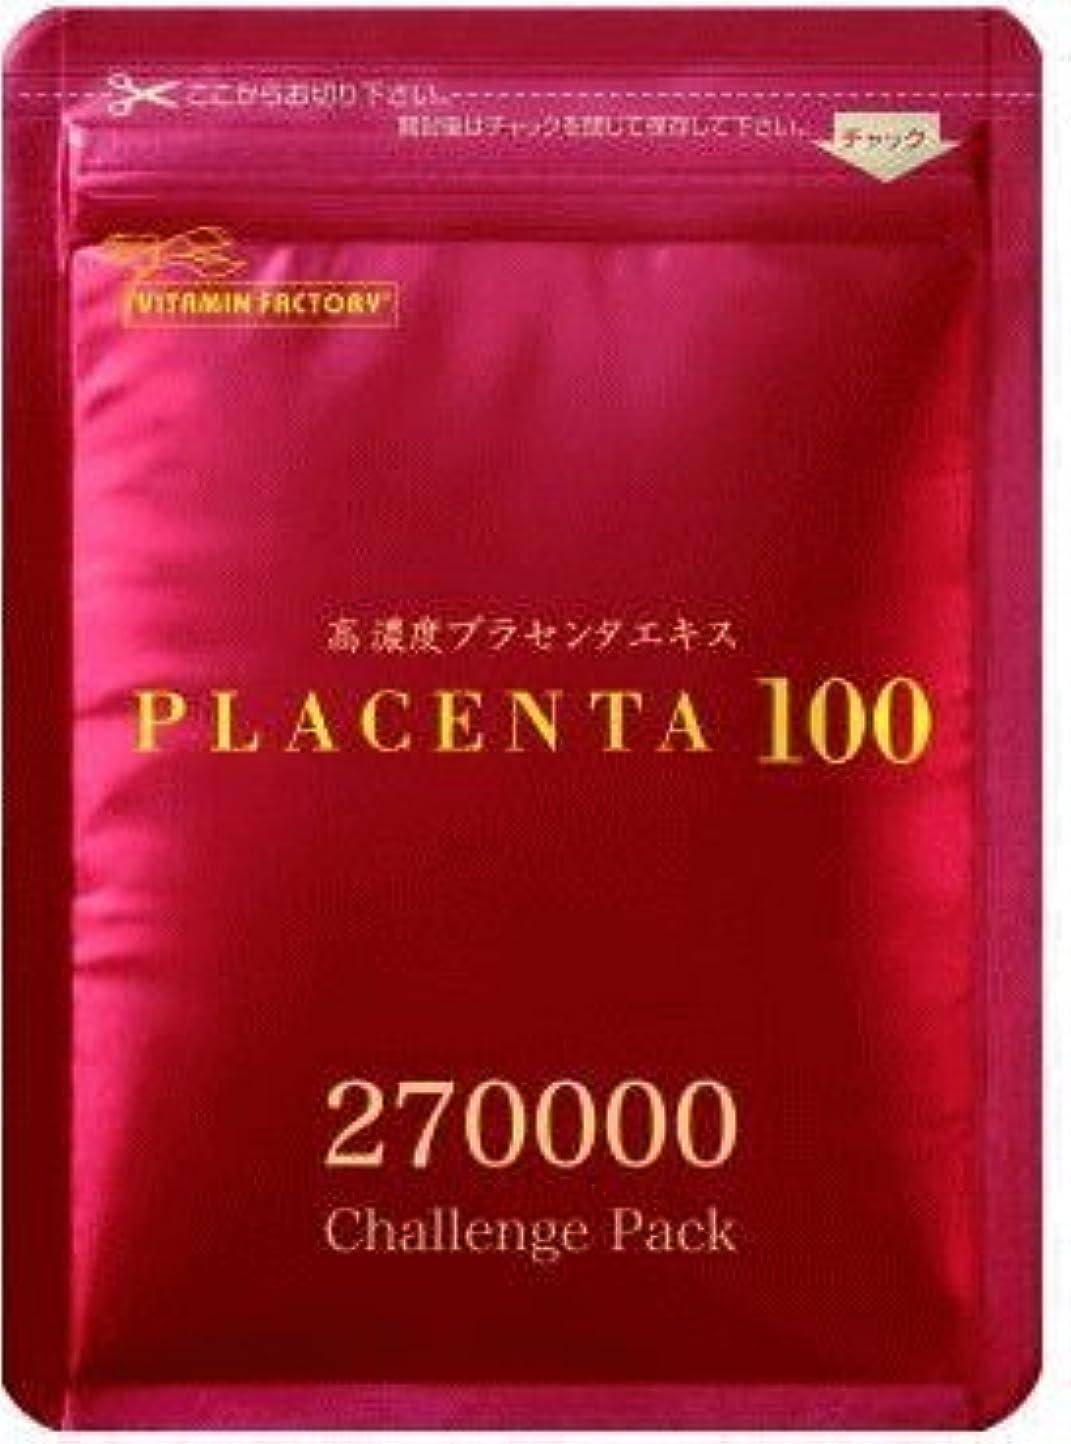 責滑る衣類プラセンタ100 30粒 R&Y  270000チャレンジパック